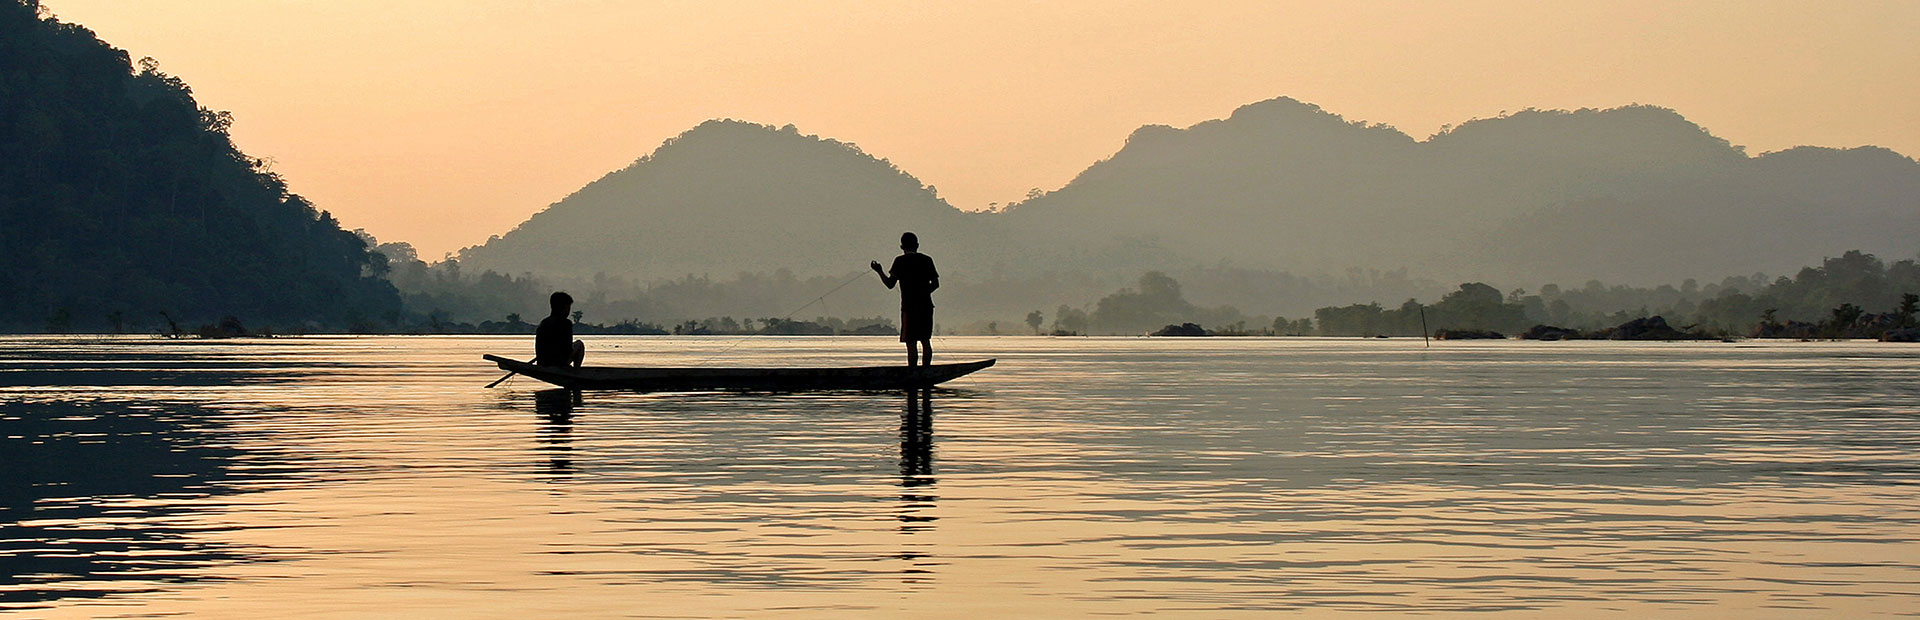 Mekong River at Sunset